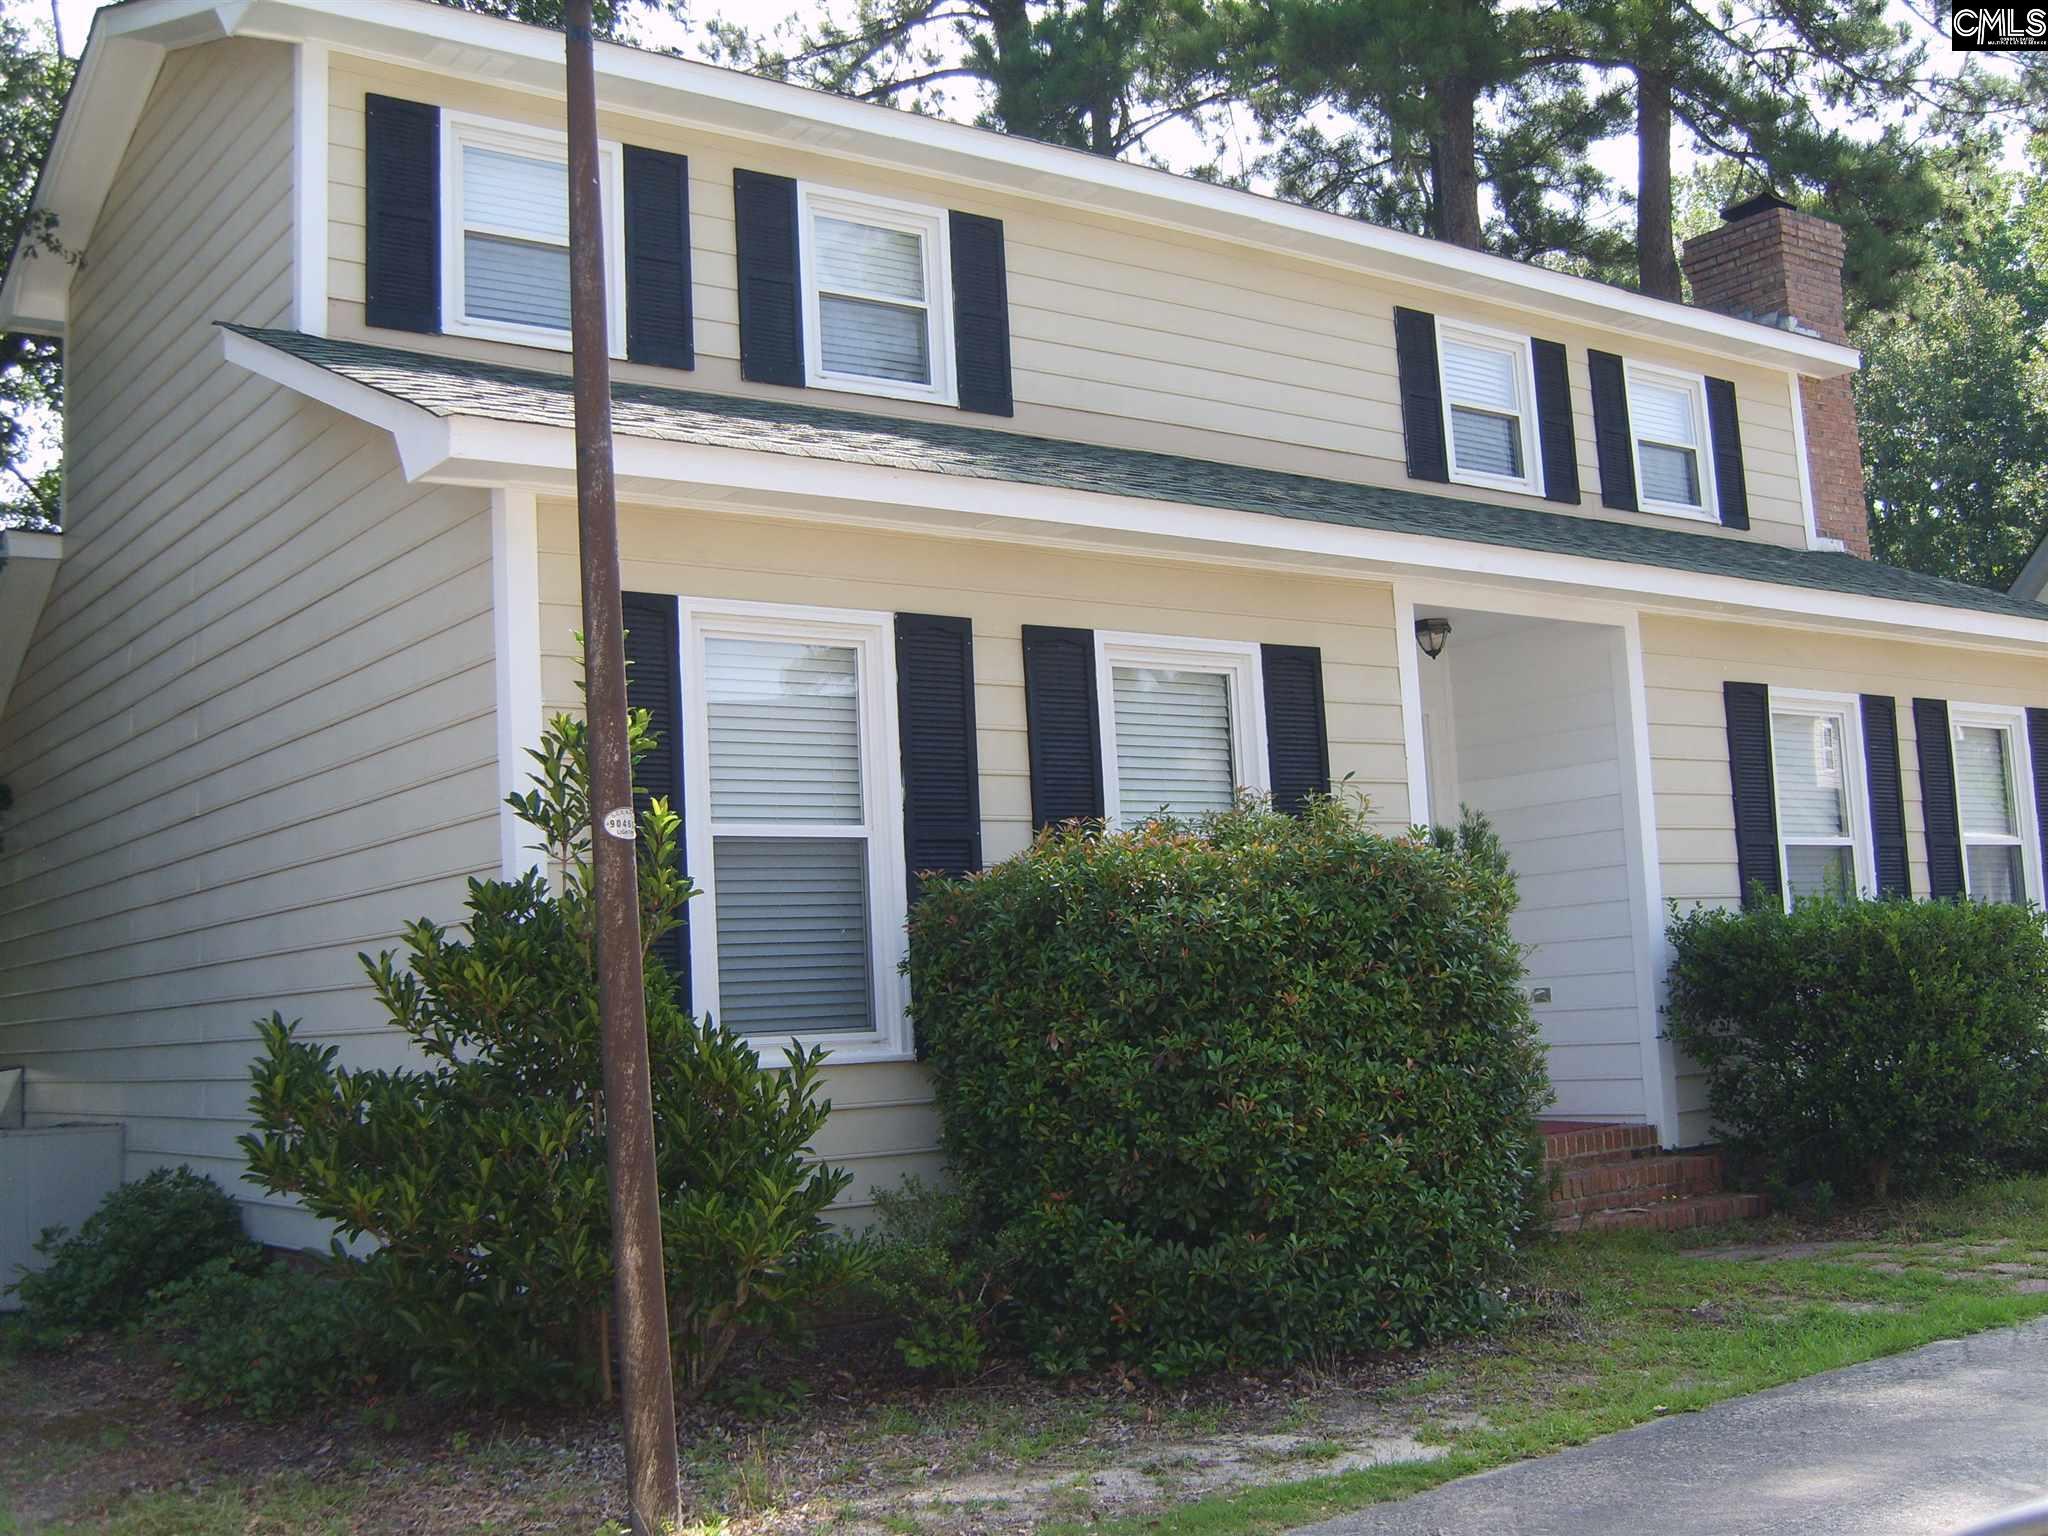 115 S. Village Lexington, SC 29072-9348